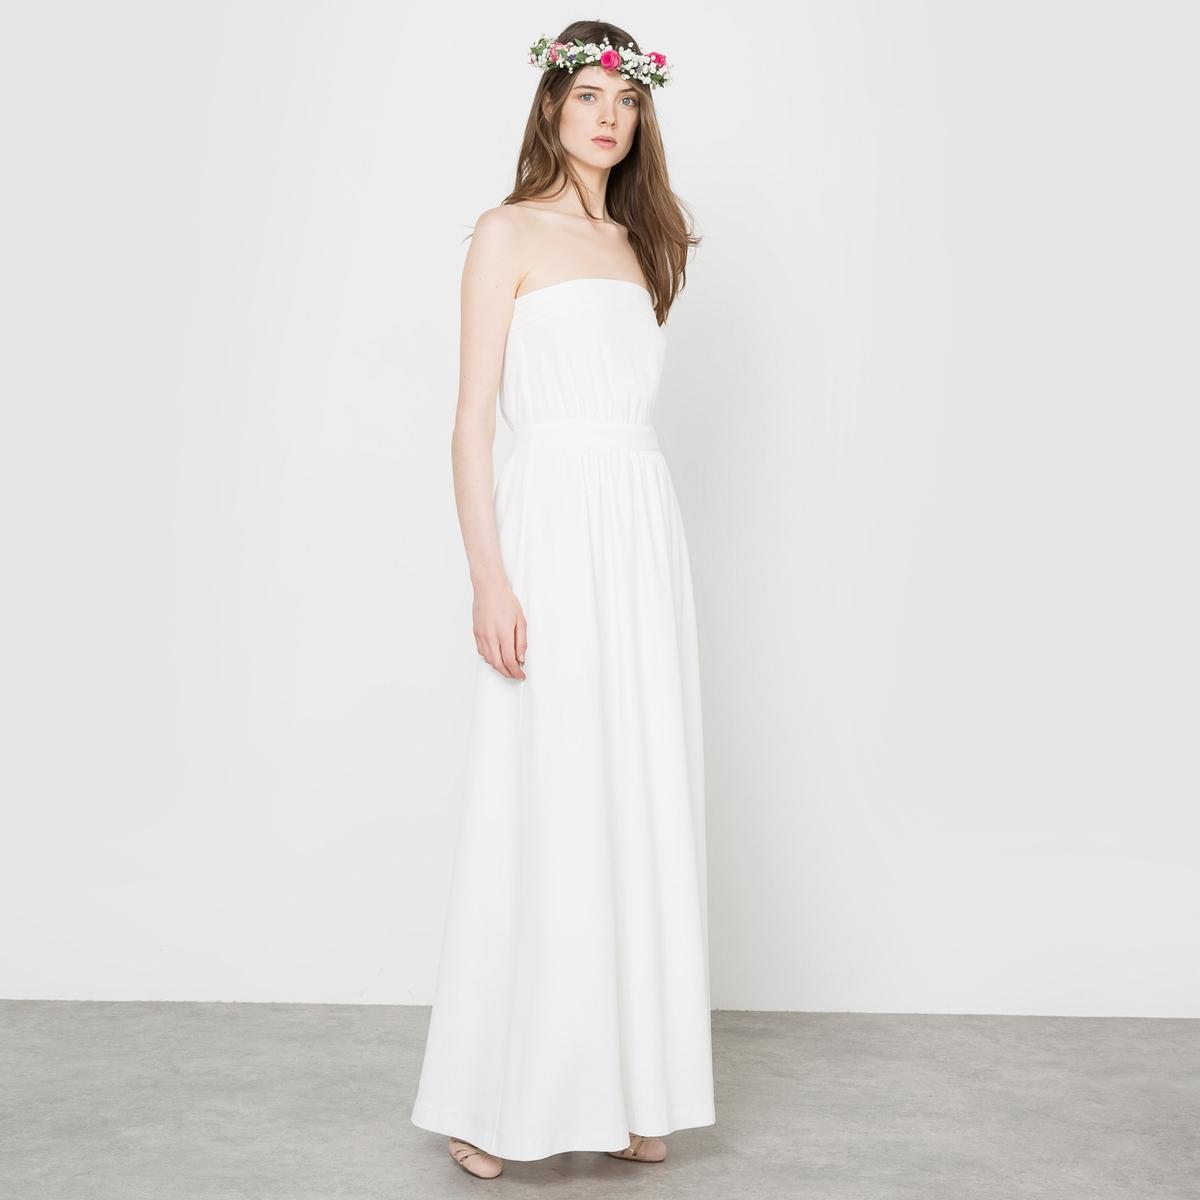 Платье свадебное длинное, форма бюстье свадебное платье venus wedding dress 2015